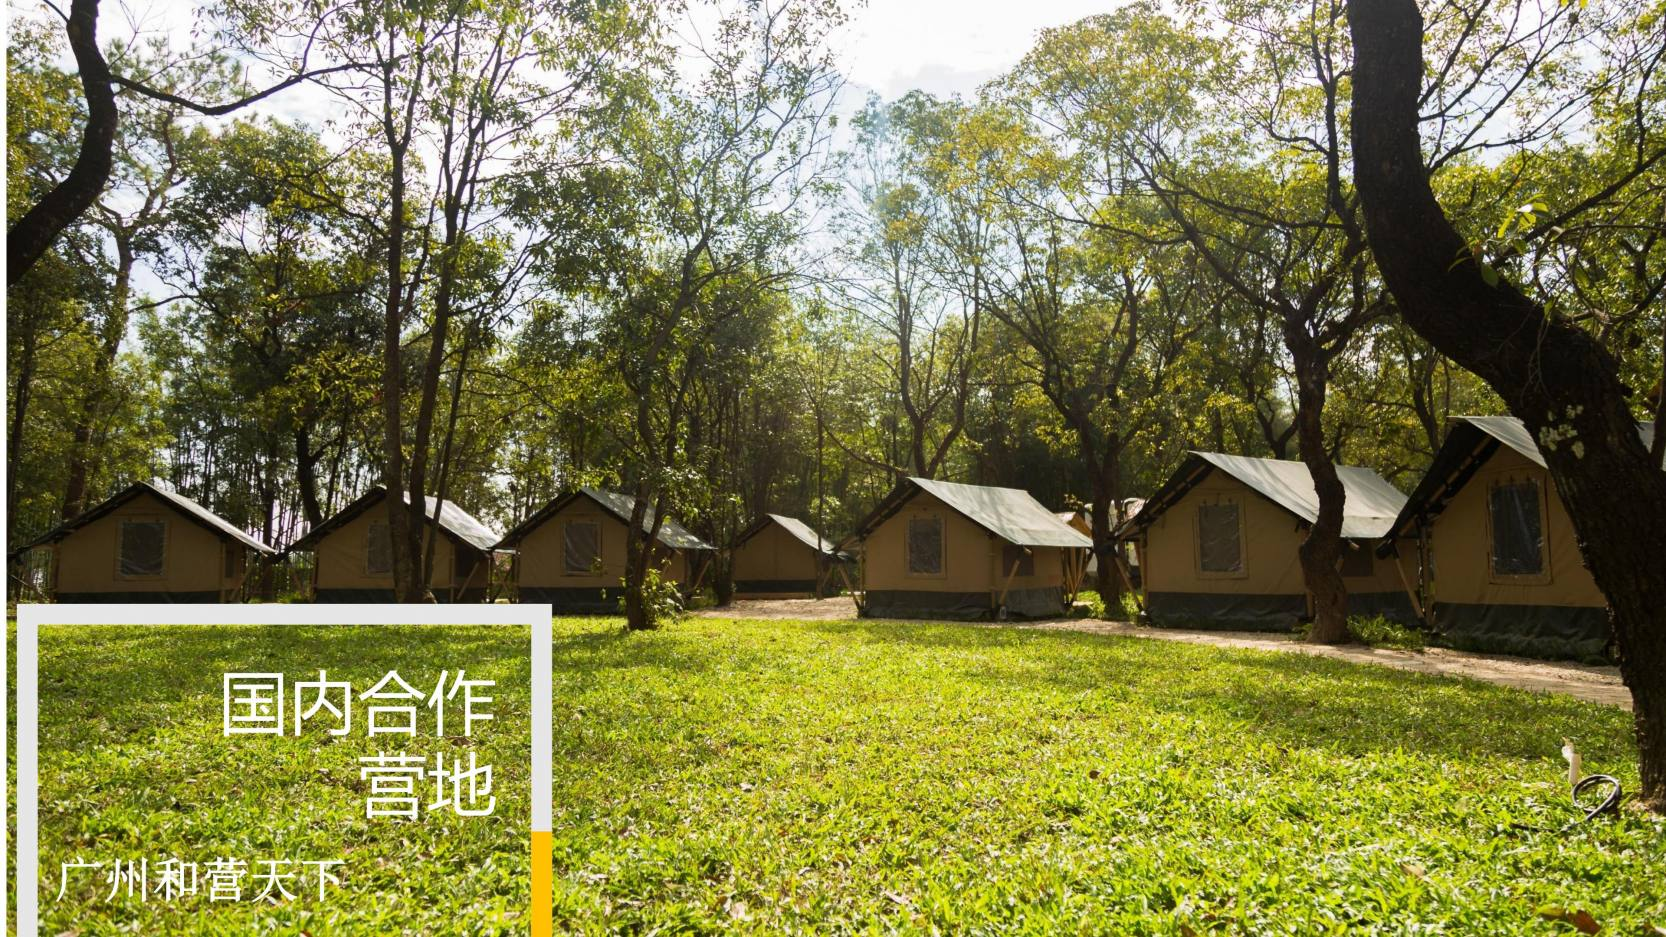 喜马拉雅野奢帐篷 (35)